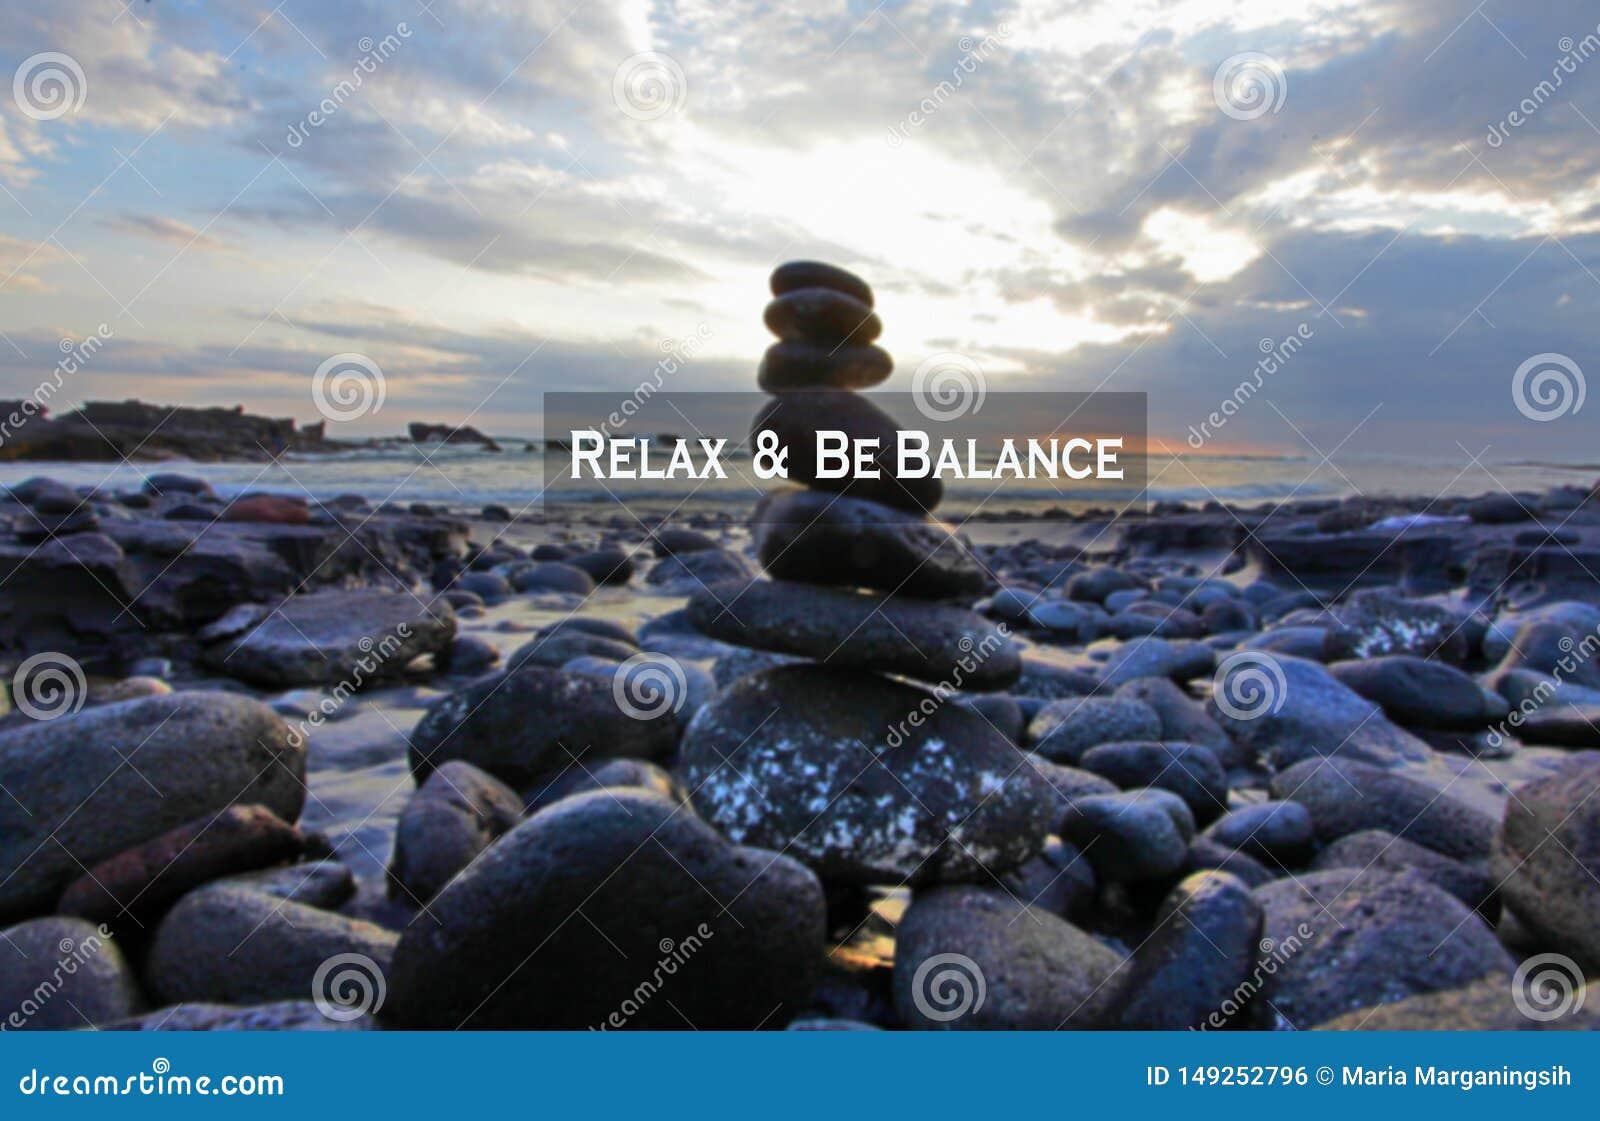 Balansowa wycena Inspiracyjna motywacyjna wycena Relaksuje i by? balansowa Z dennymi kamieniami balansuje formacj? w skalistej pl